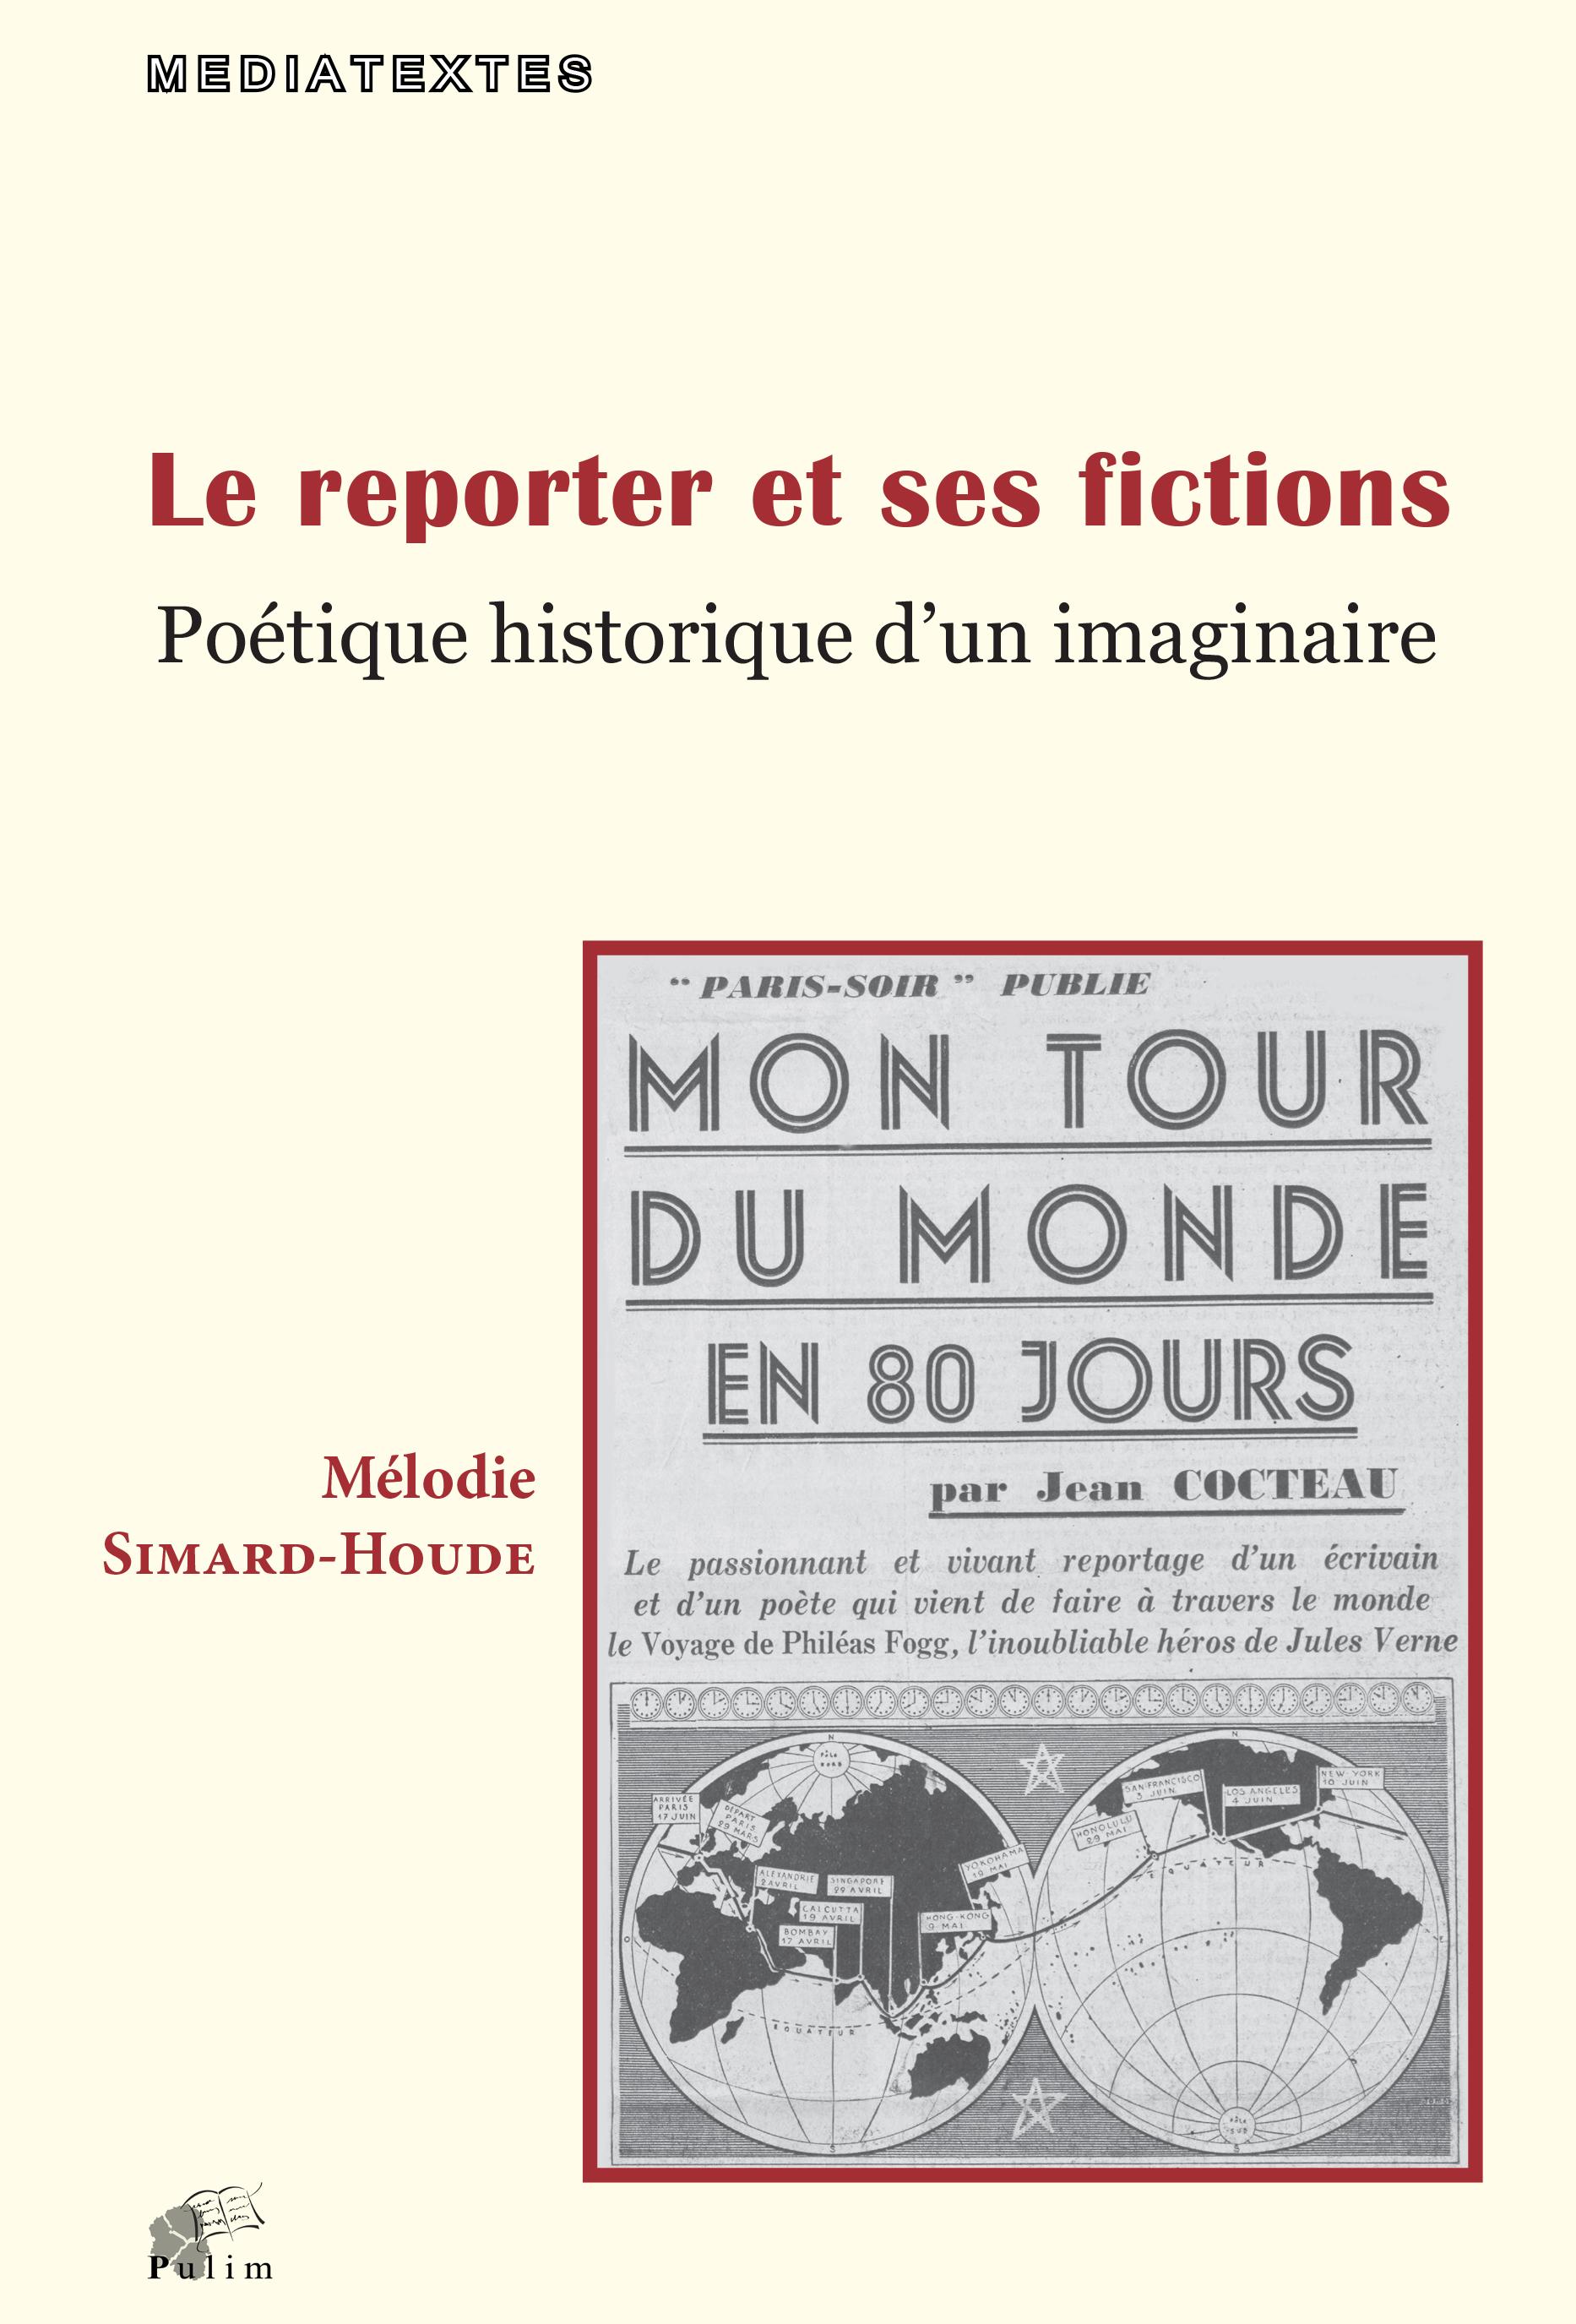 M. Simard-Houde, Le reporter et ses fictions. Poétique historique d'un imaginaire